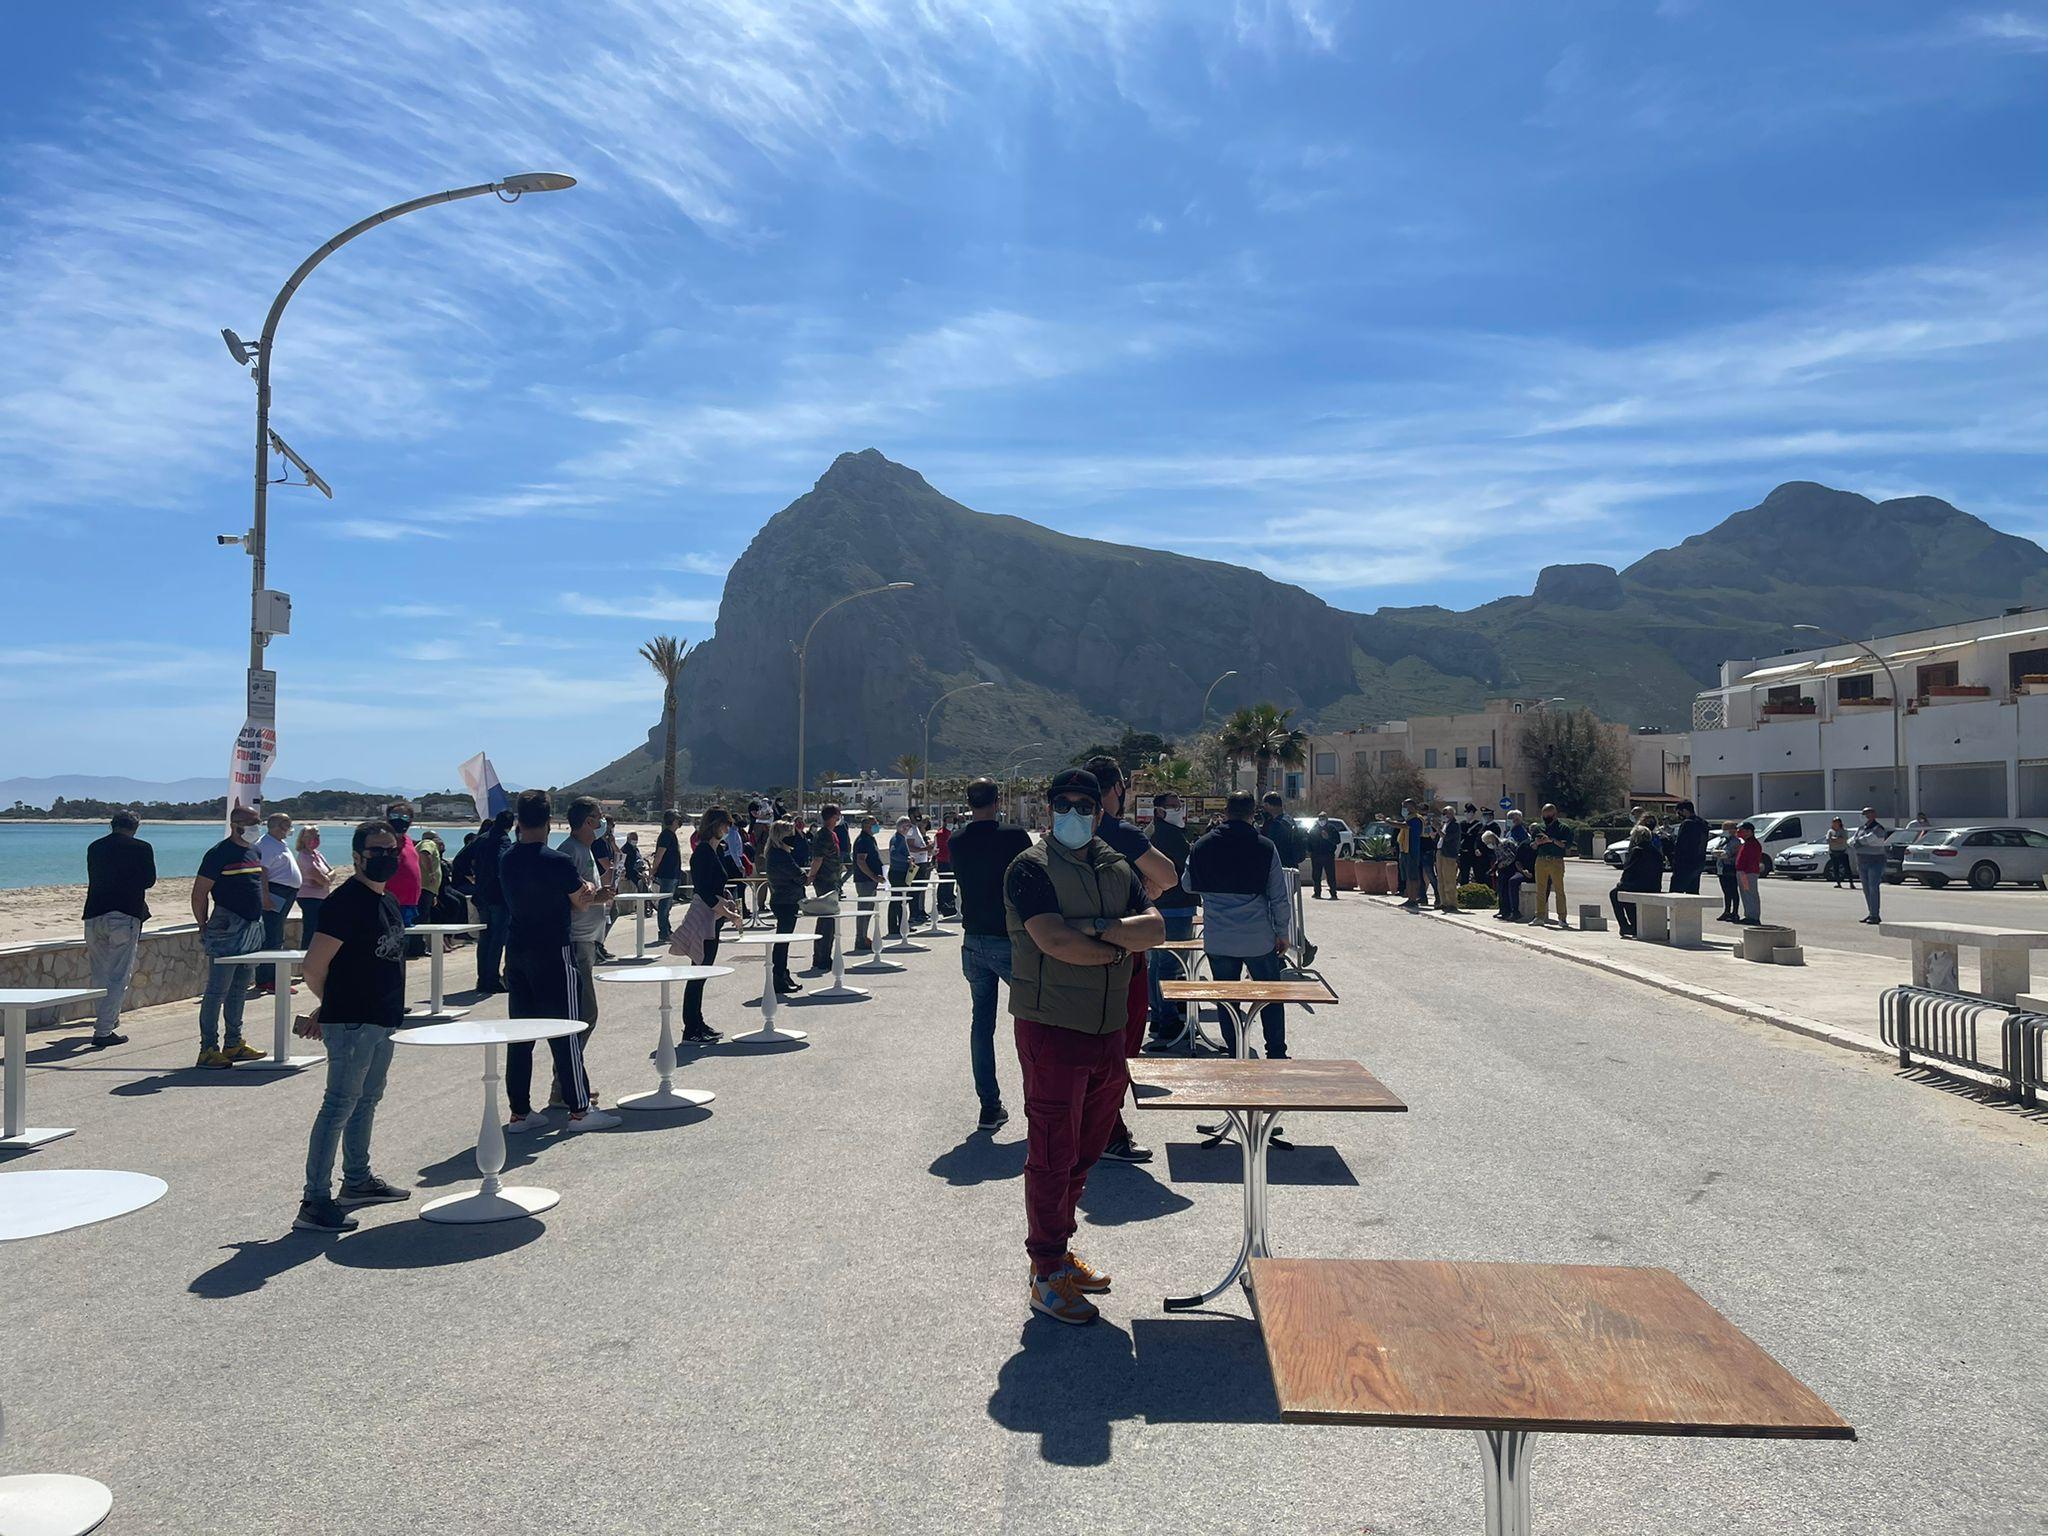 San Vito lo Capo (TP): flashmob per chiedere riaperture in sicurezza